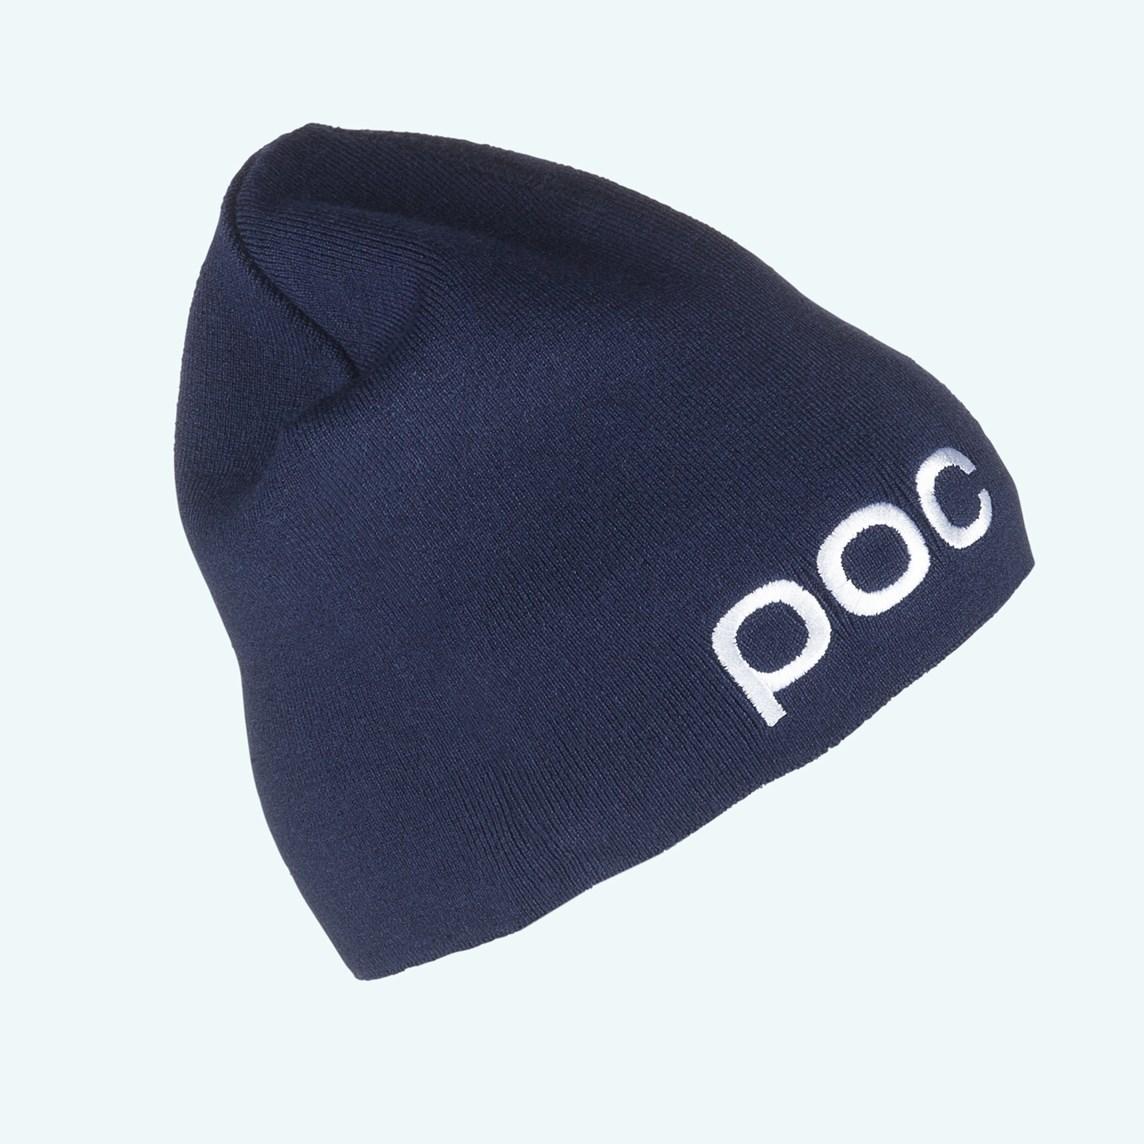 Czapka Poc Corp Beanie niebieska